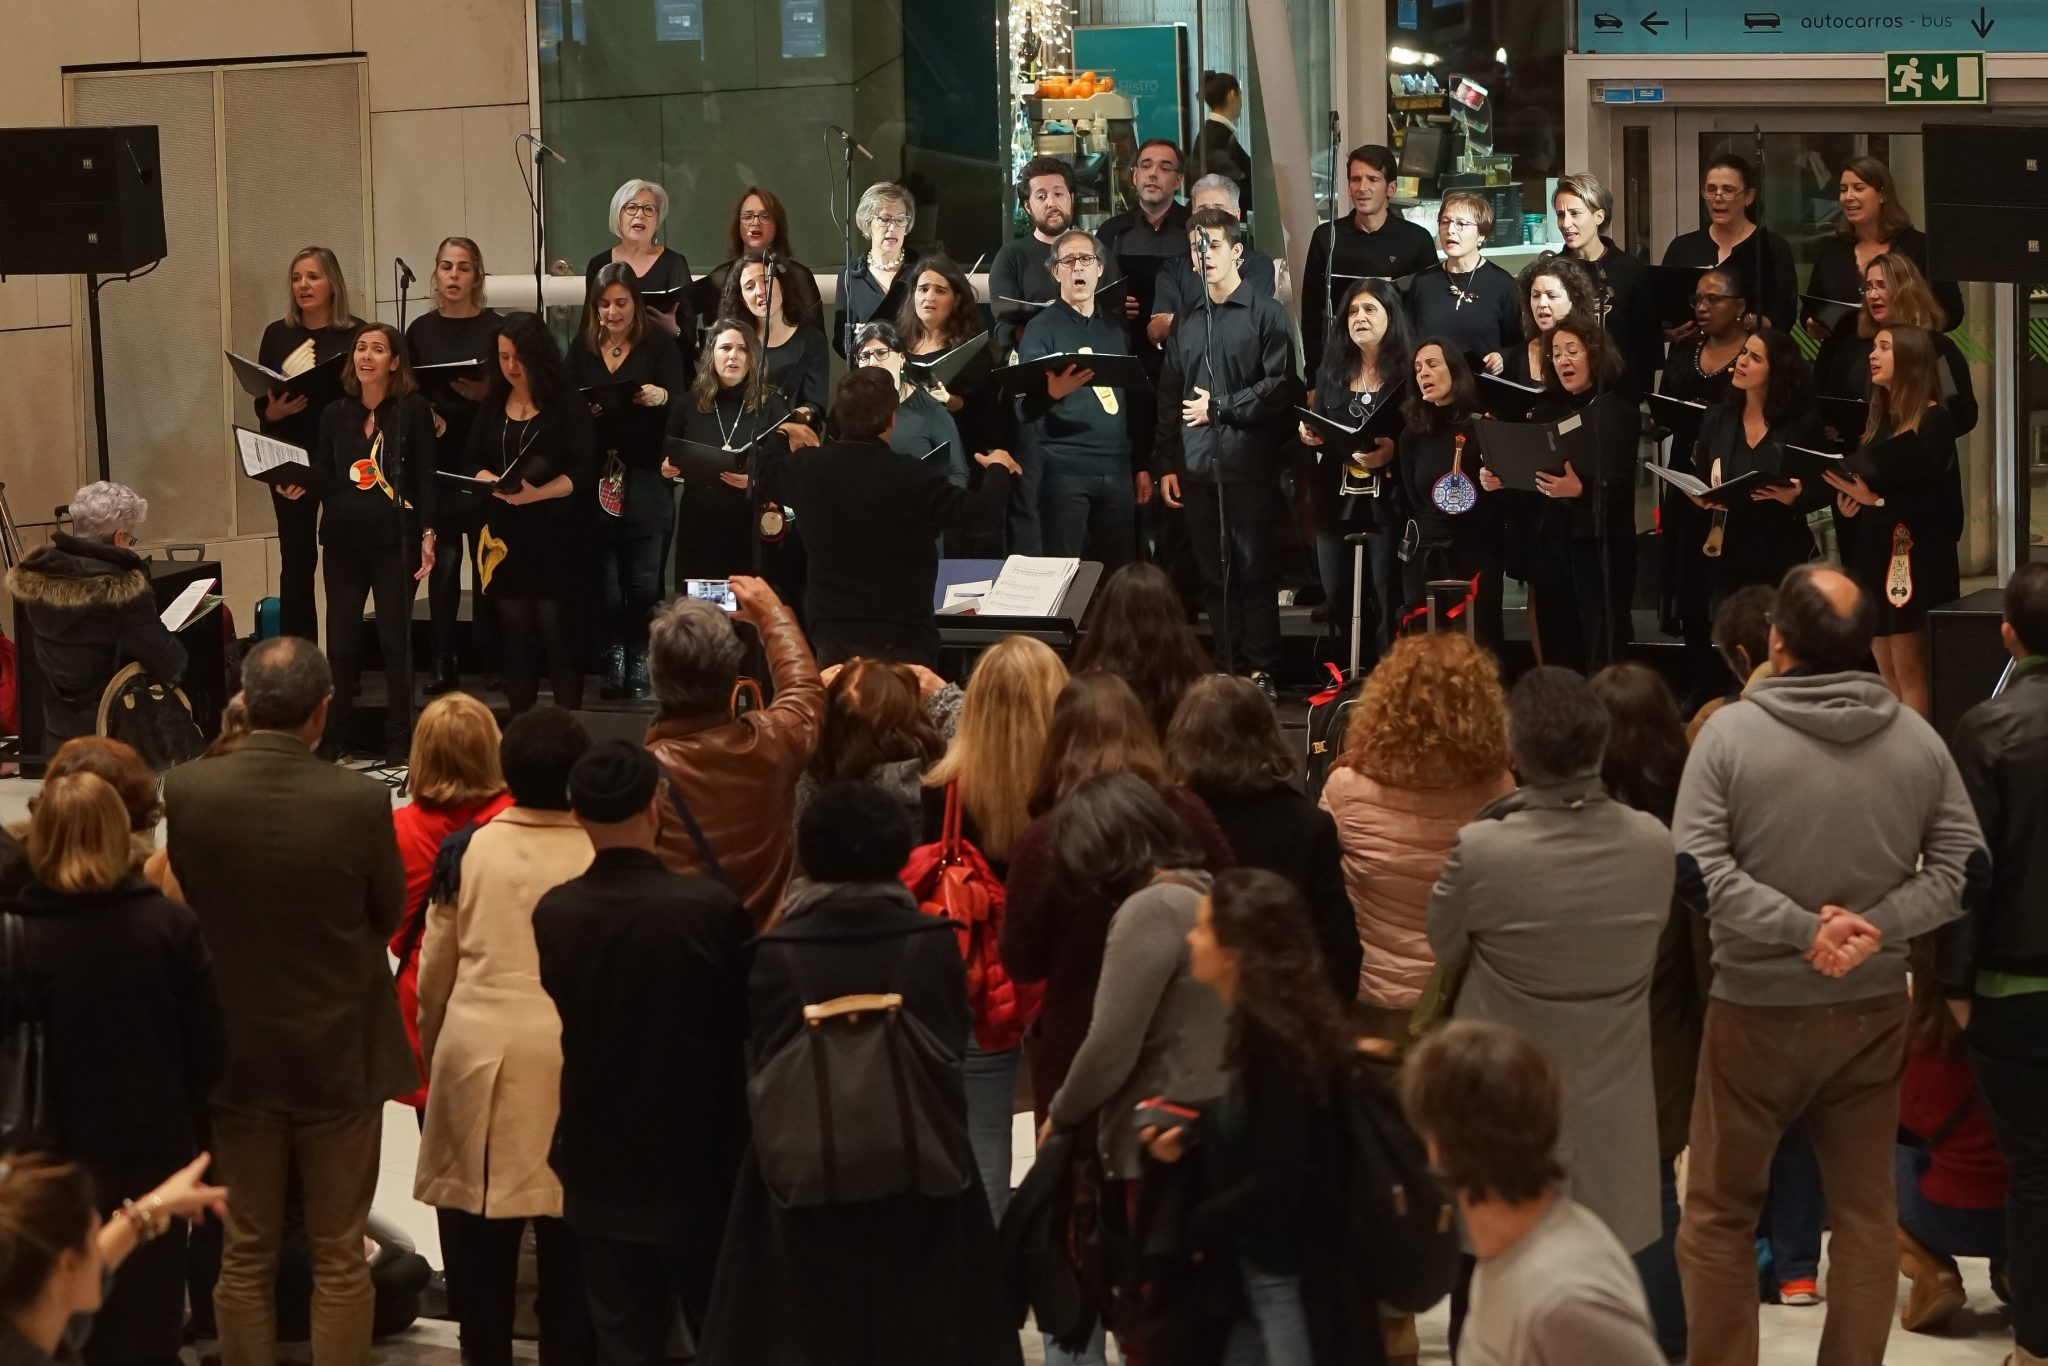 De frente para o observador, grupo de cantores durante actuação. De costas para o observador, público a assistir